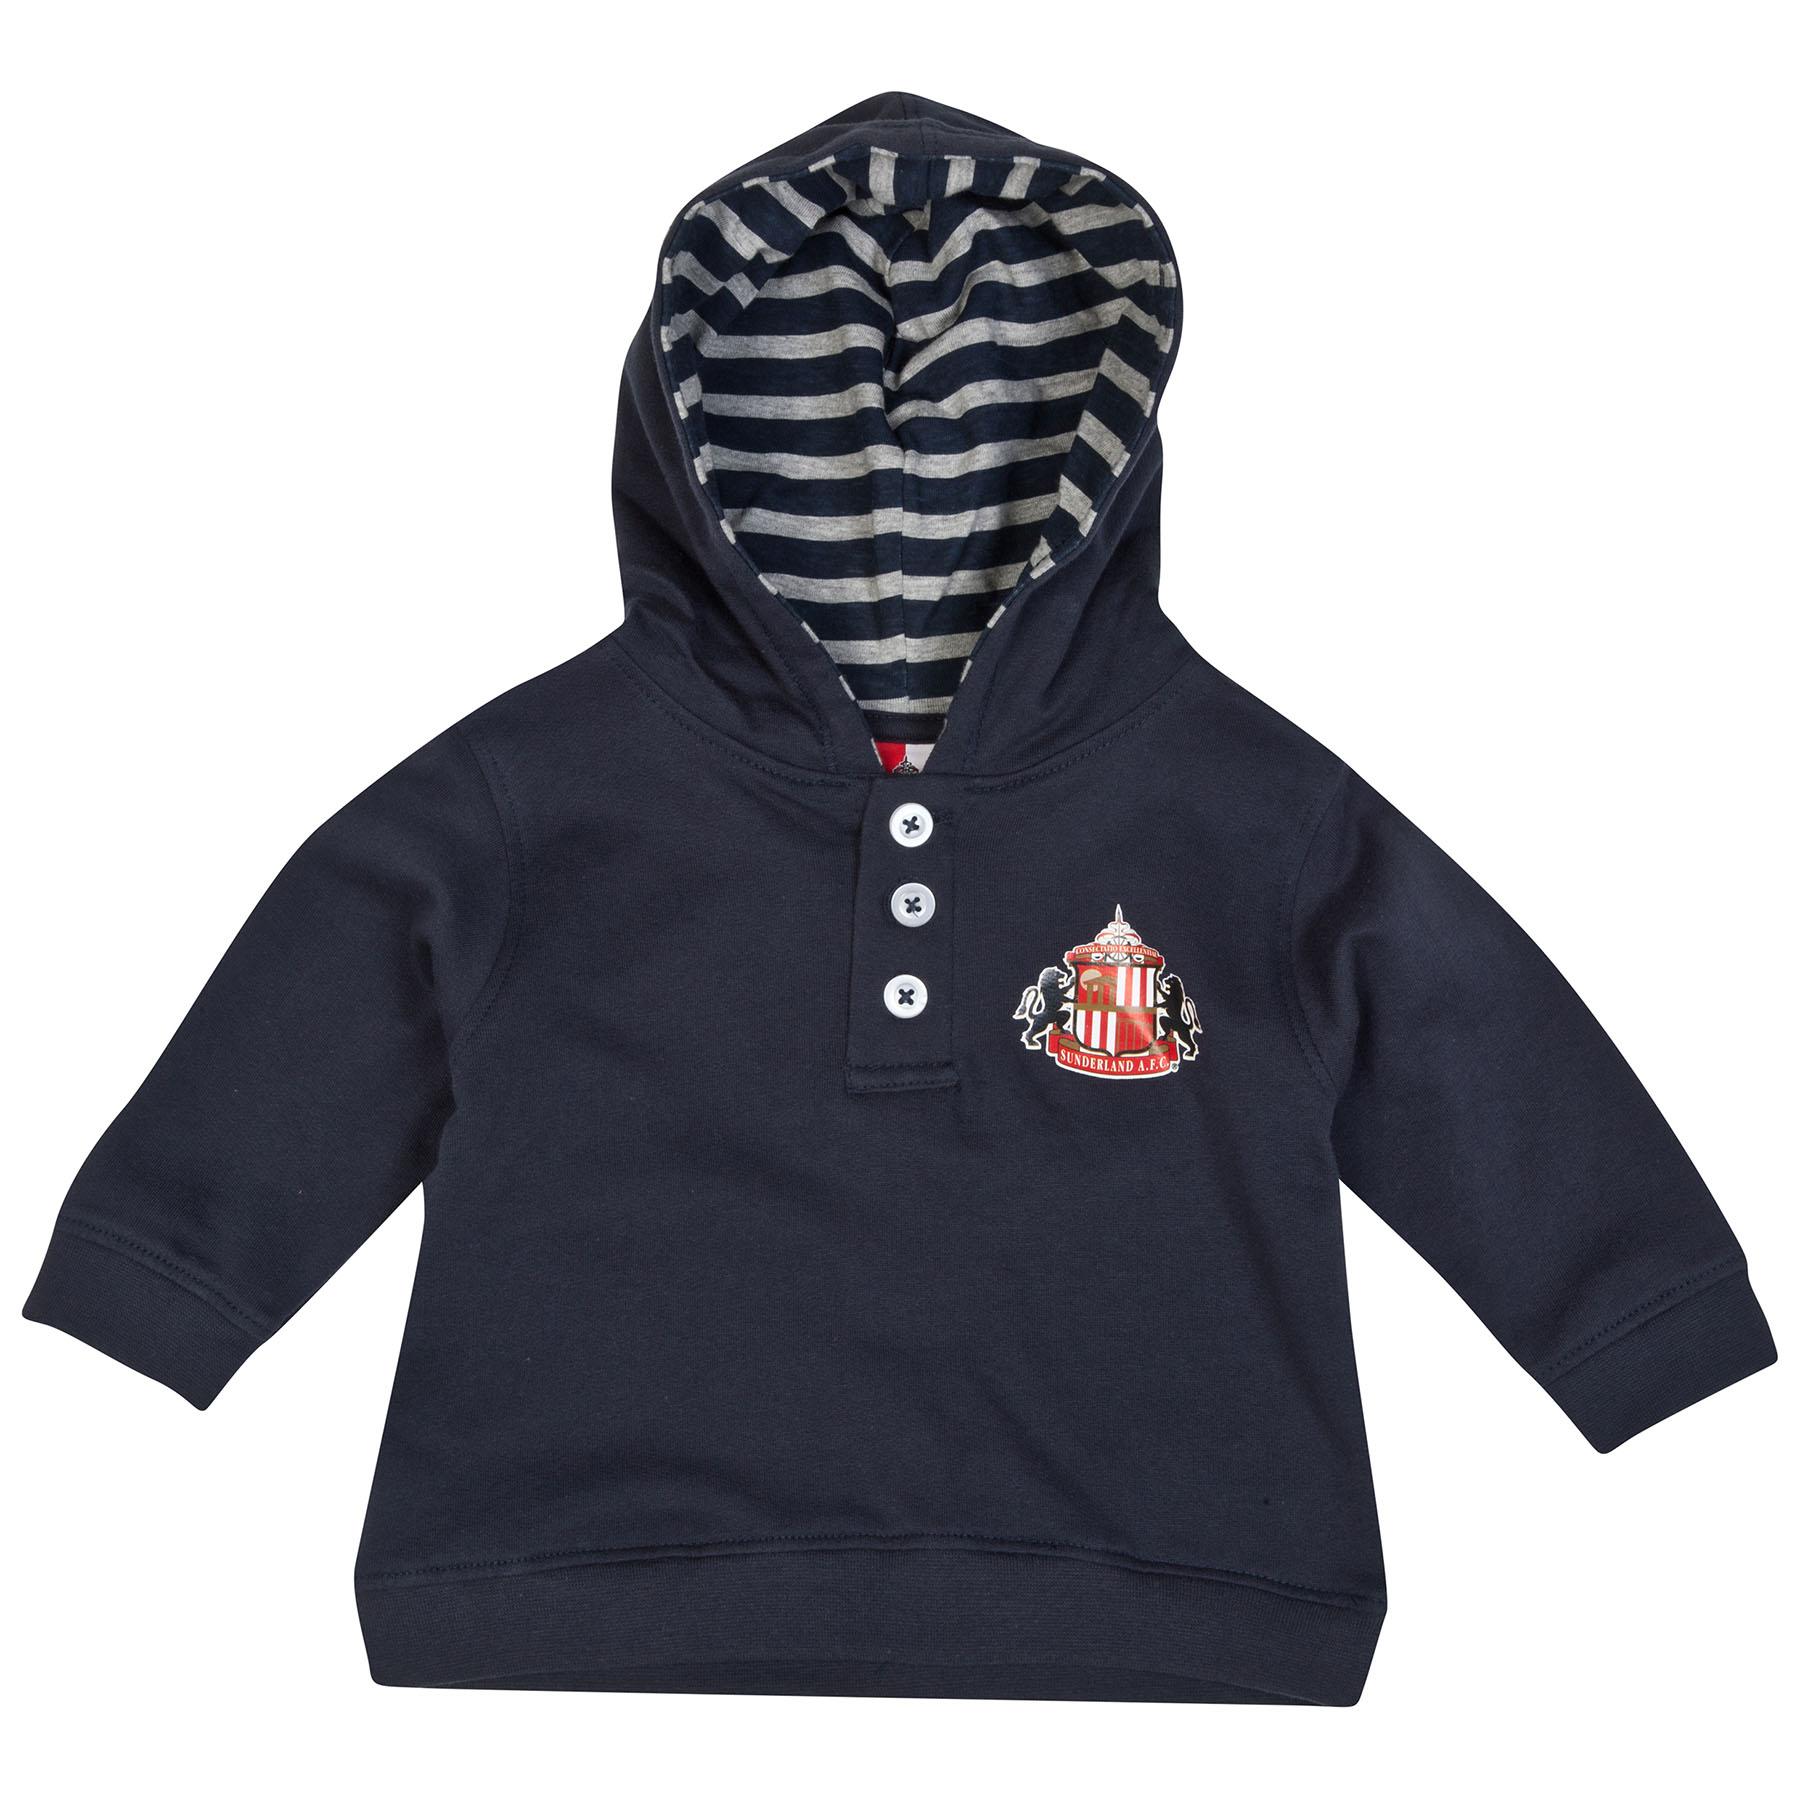 Sunderland Jonah Hoodie-Baby Navy